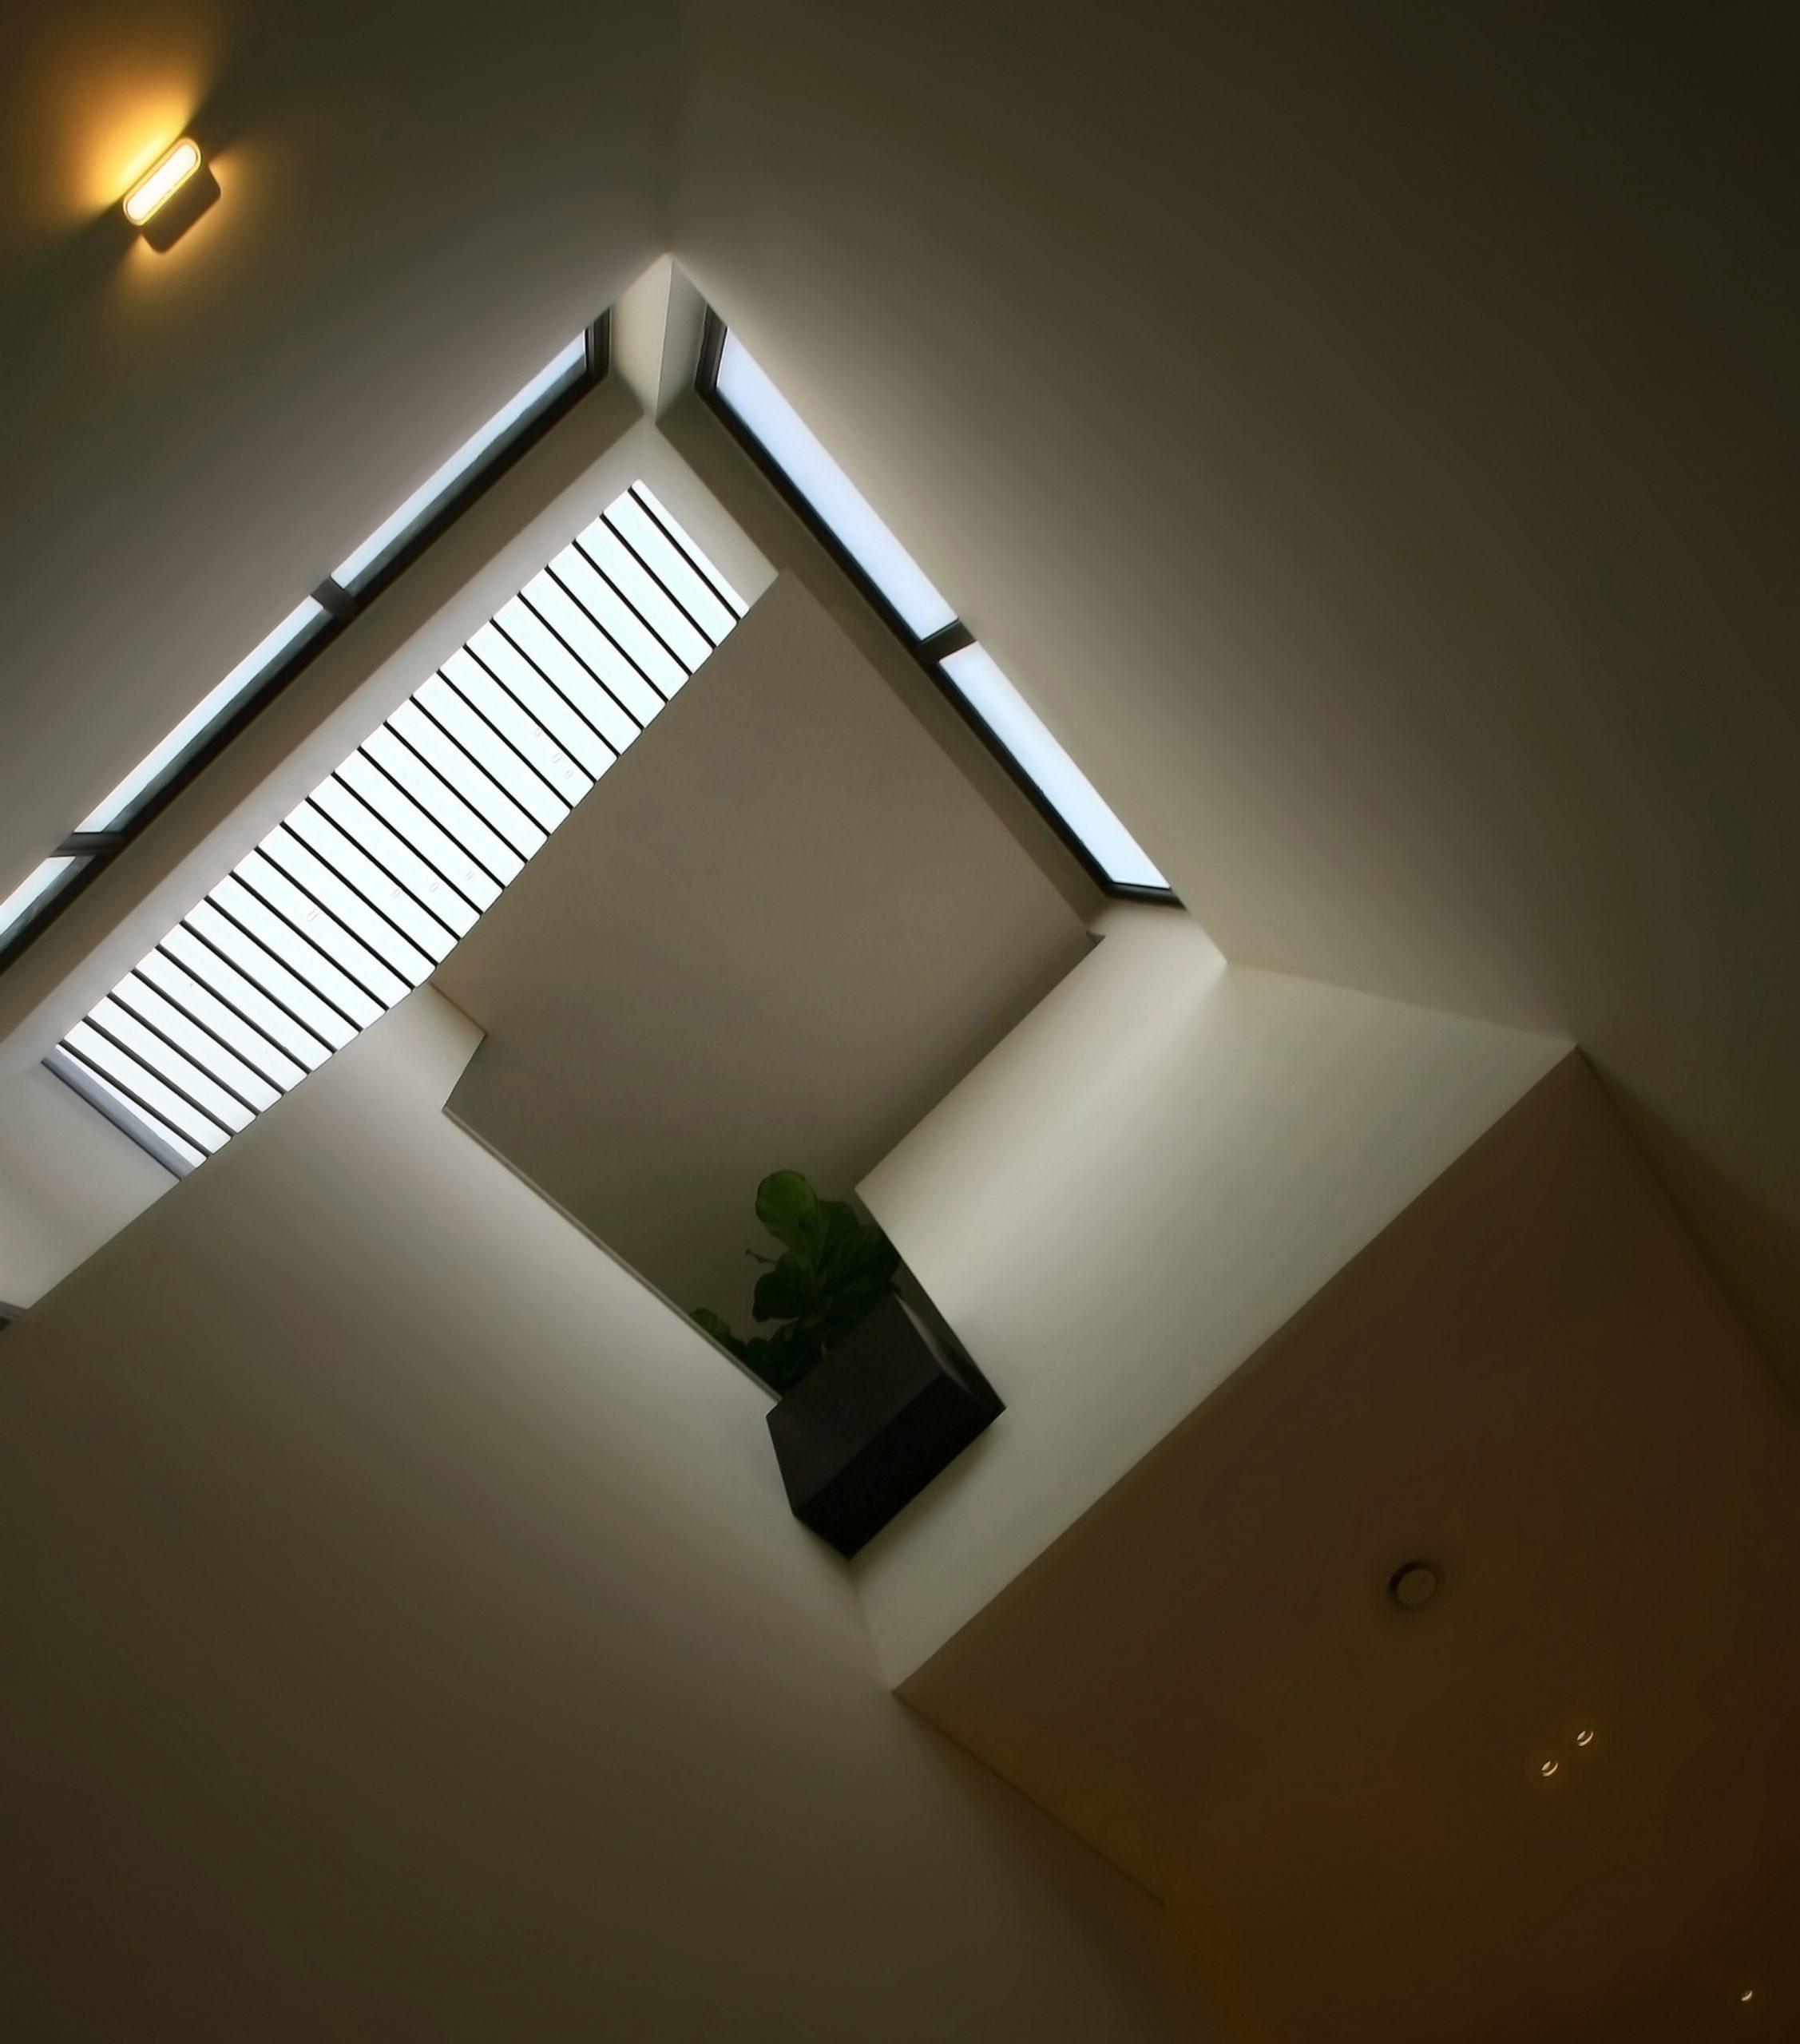 (cutting) EDGE house - Nhà vát góc trong ngõ nhỏ | ACCESS design lab